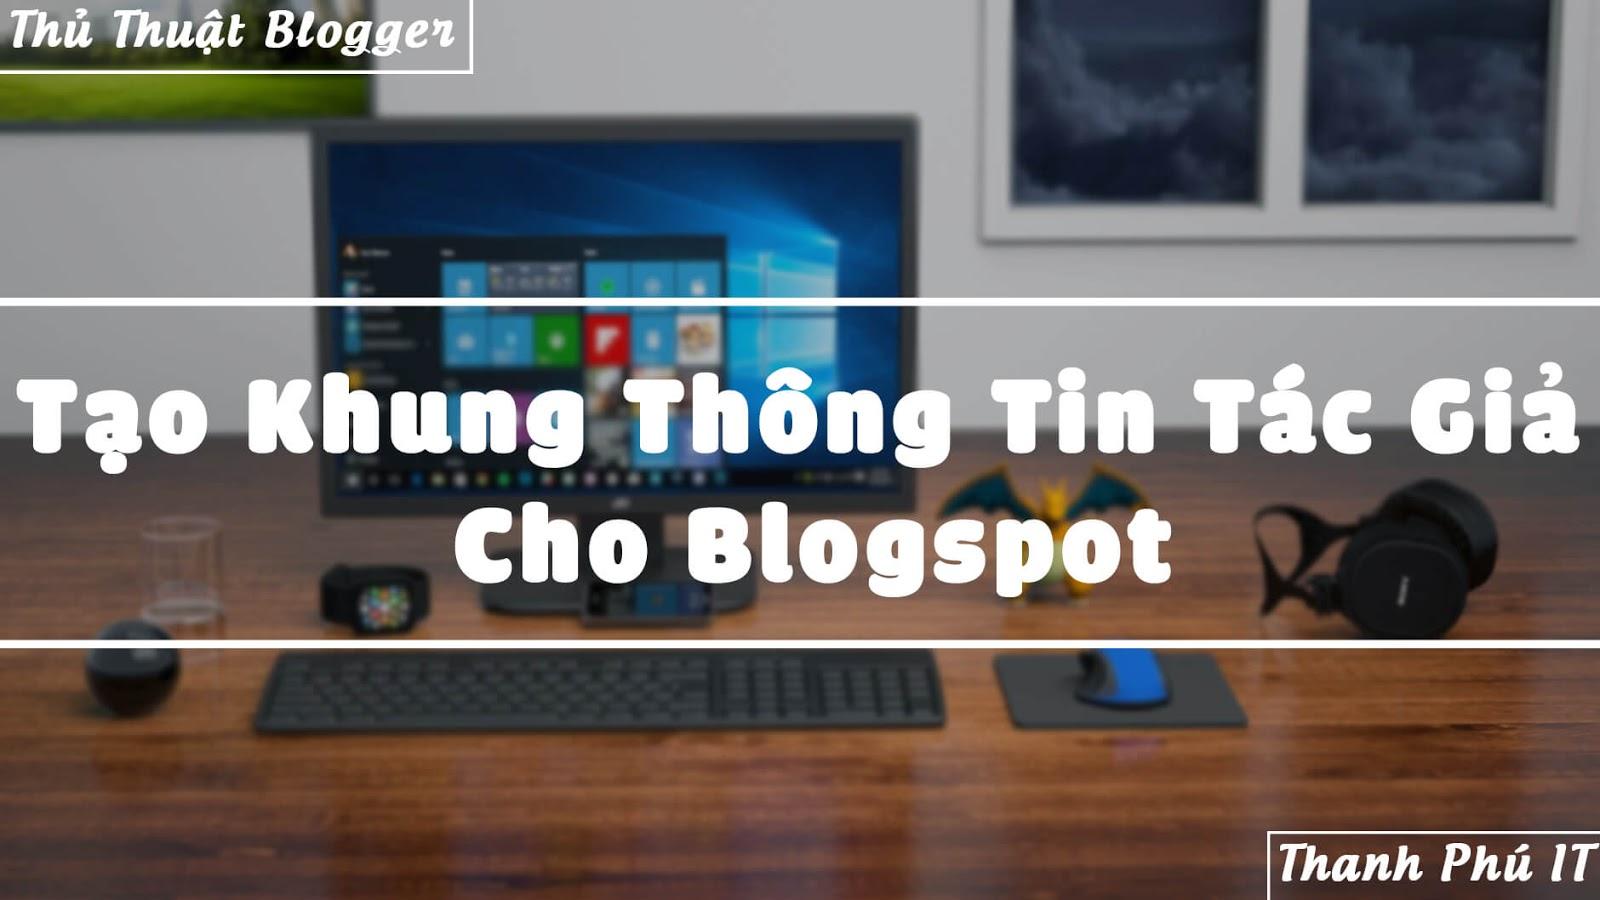 Tạo khung thông tin tác giả cho blogspot